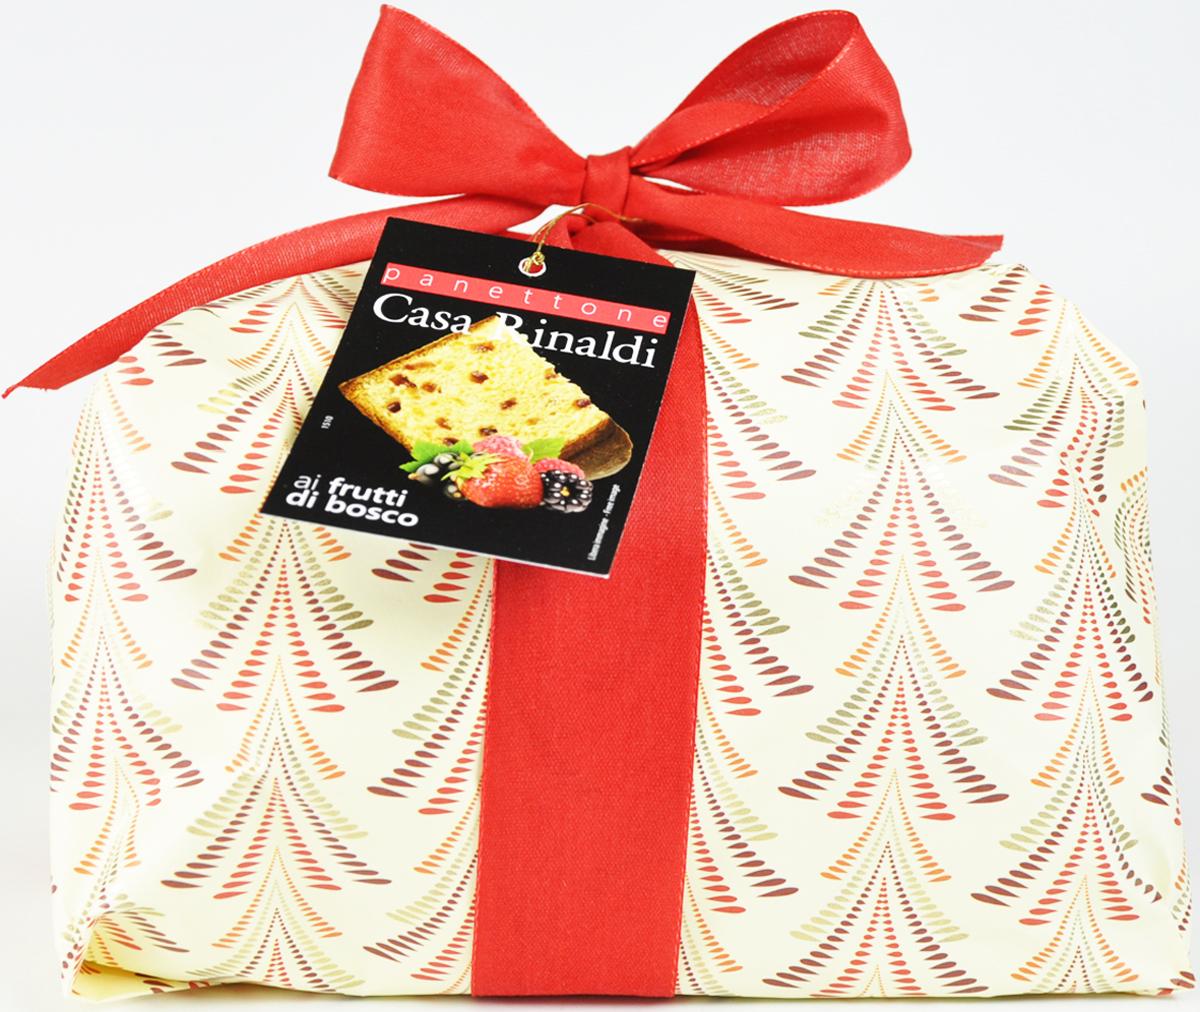 Мягкий и ароматный кулич с лесными ягодами - это классический десерт, одно из основных угощений на праздничном столе. Кулич приготовлен по лучшим итальянским рецептам. Оригинальная упаковка делает его замечательным подарком на Пасху.